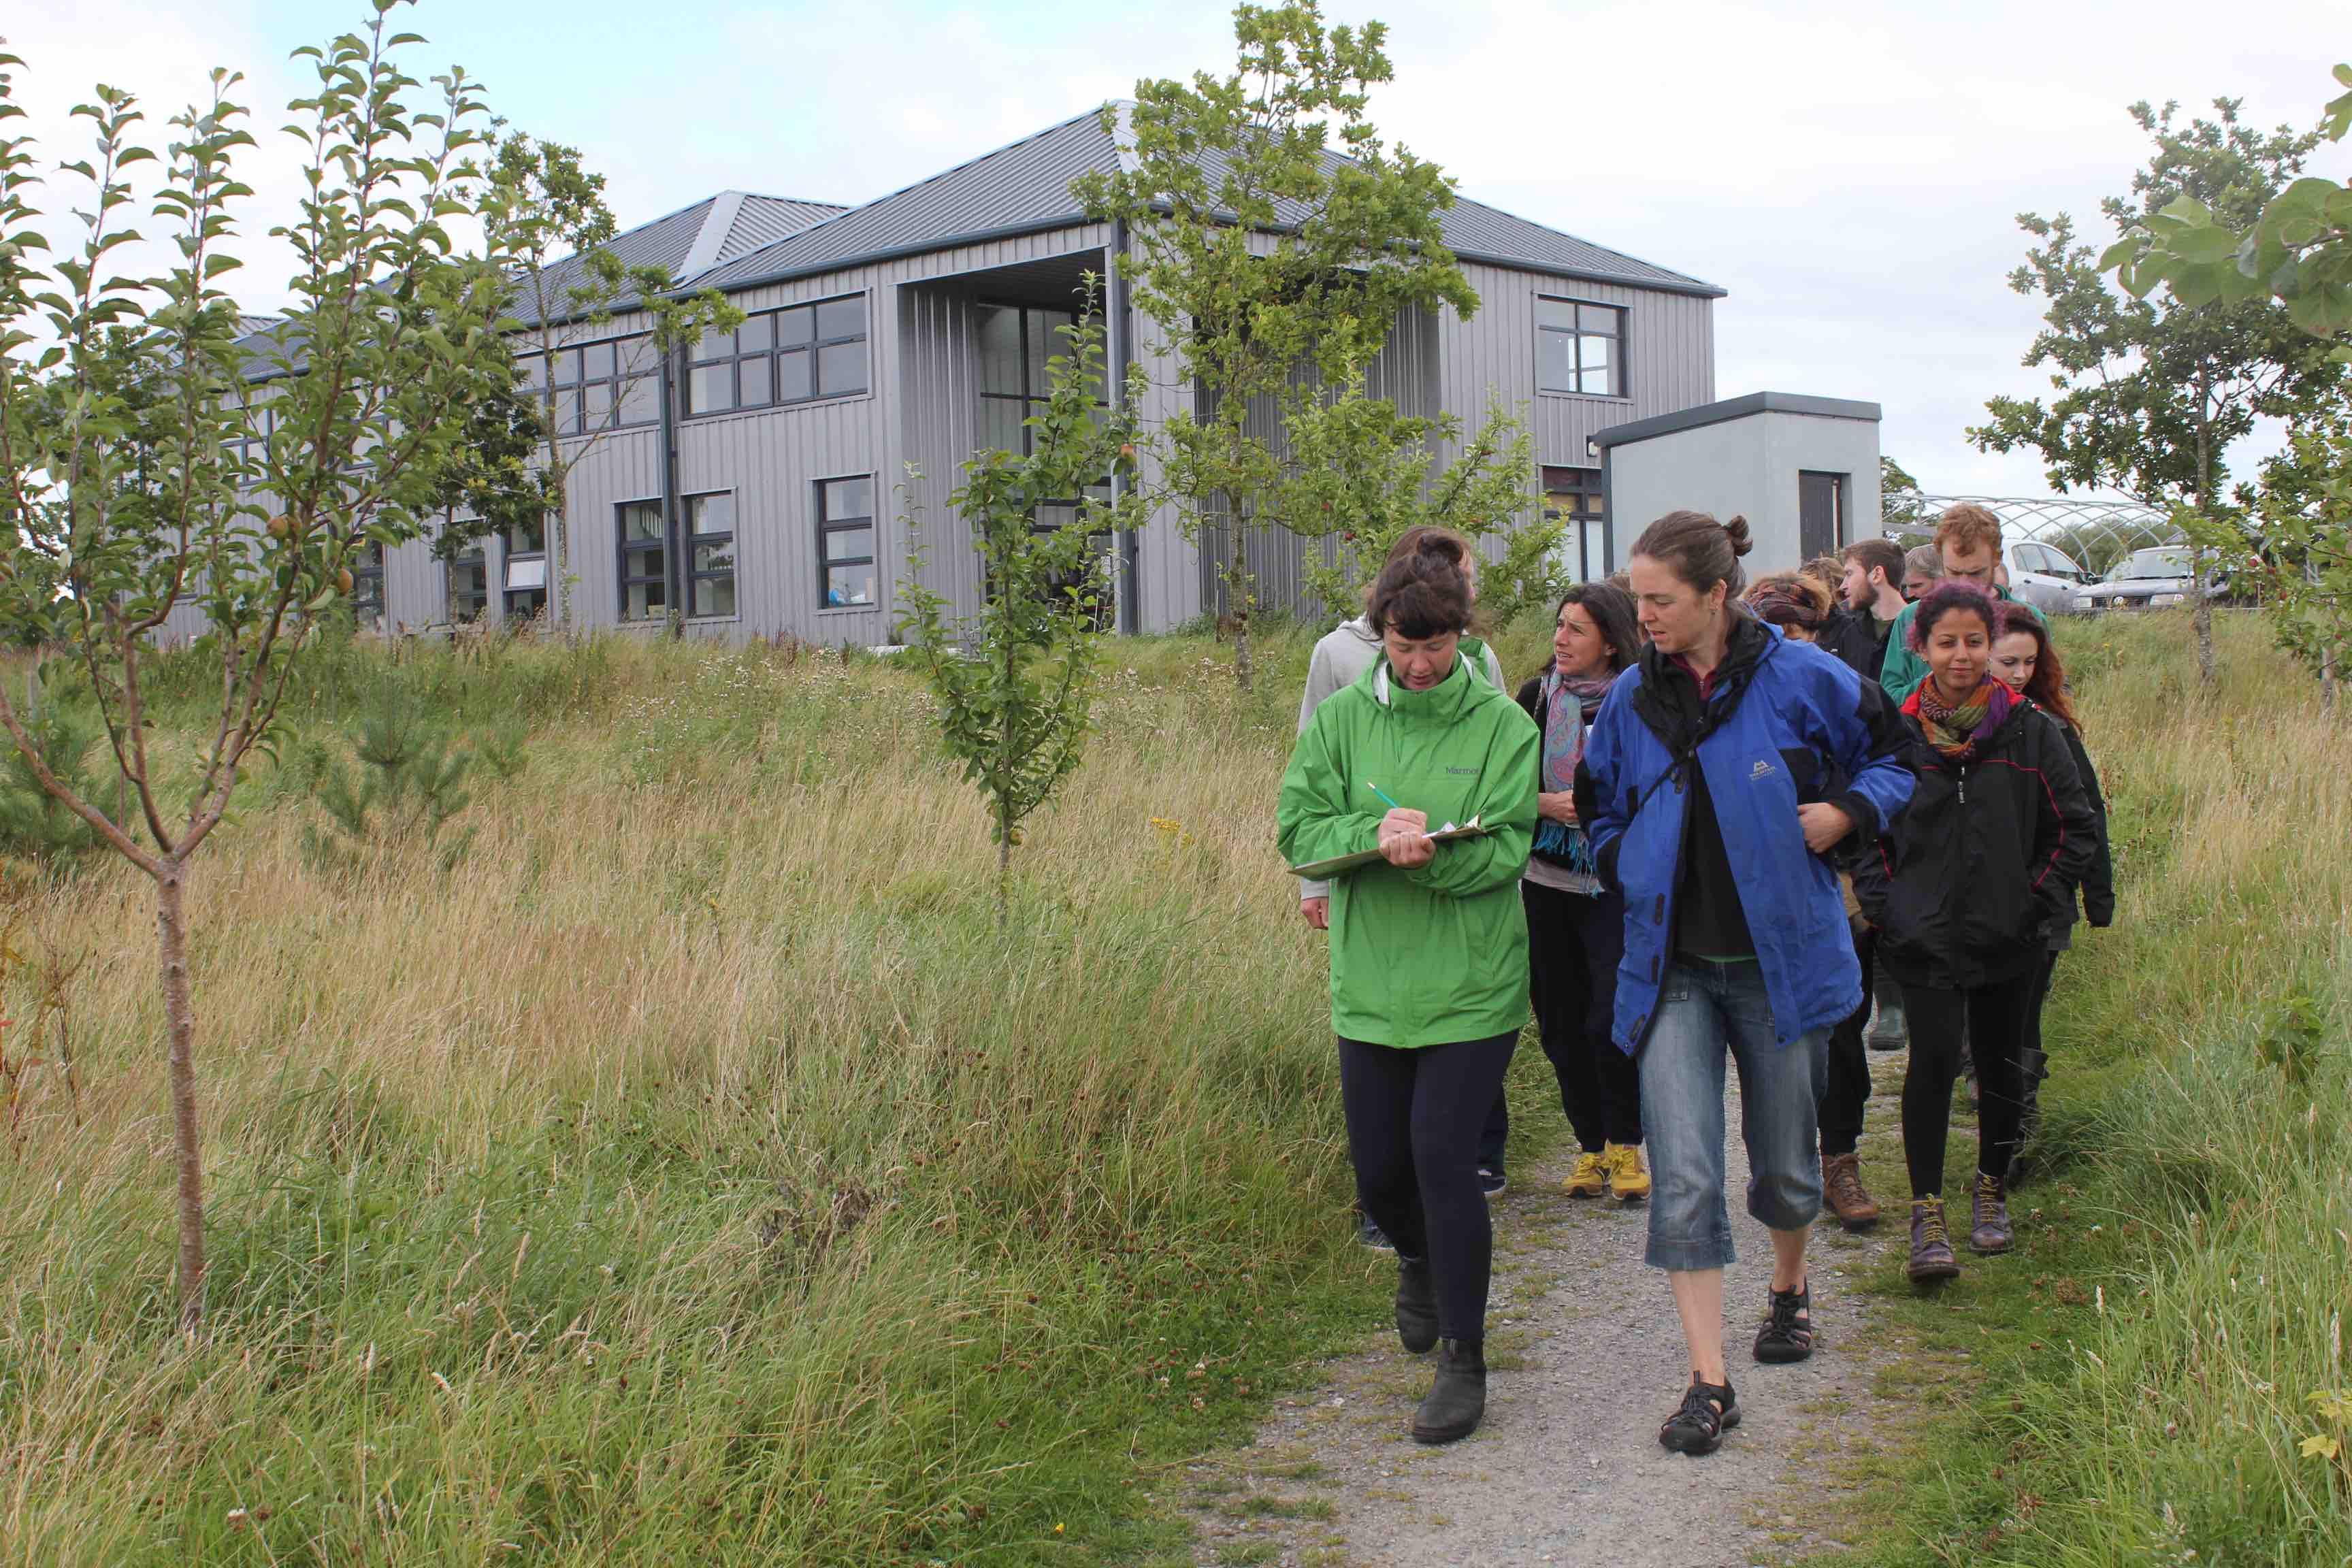 Ecovillage tour